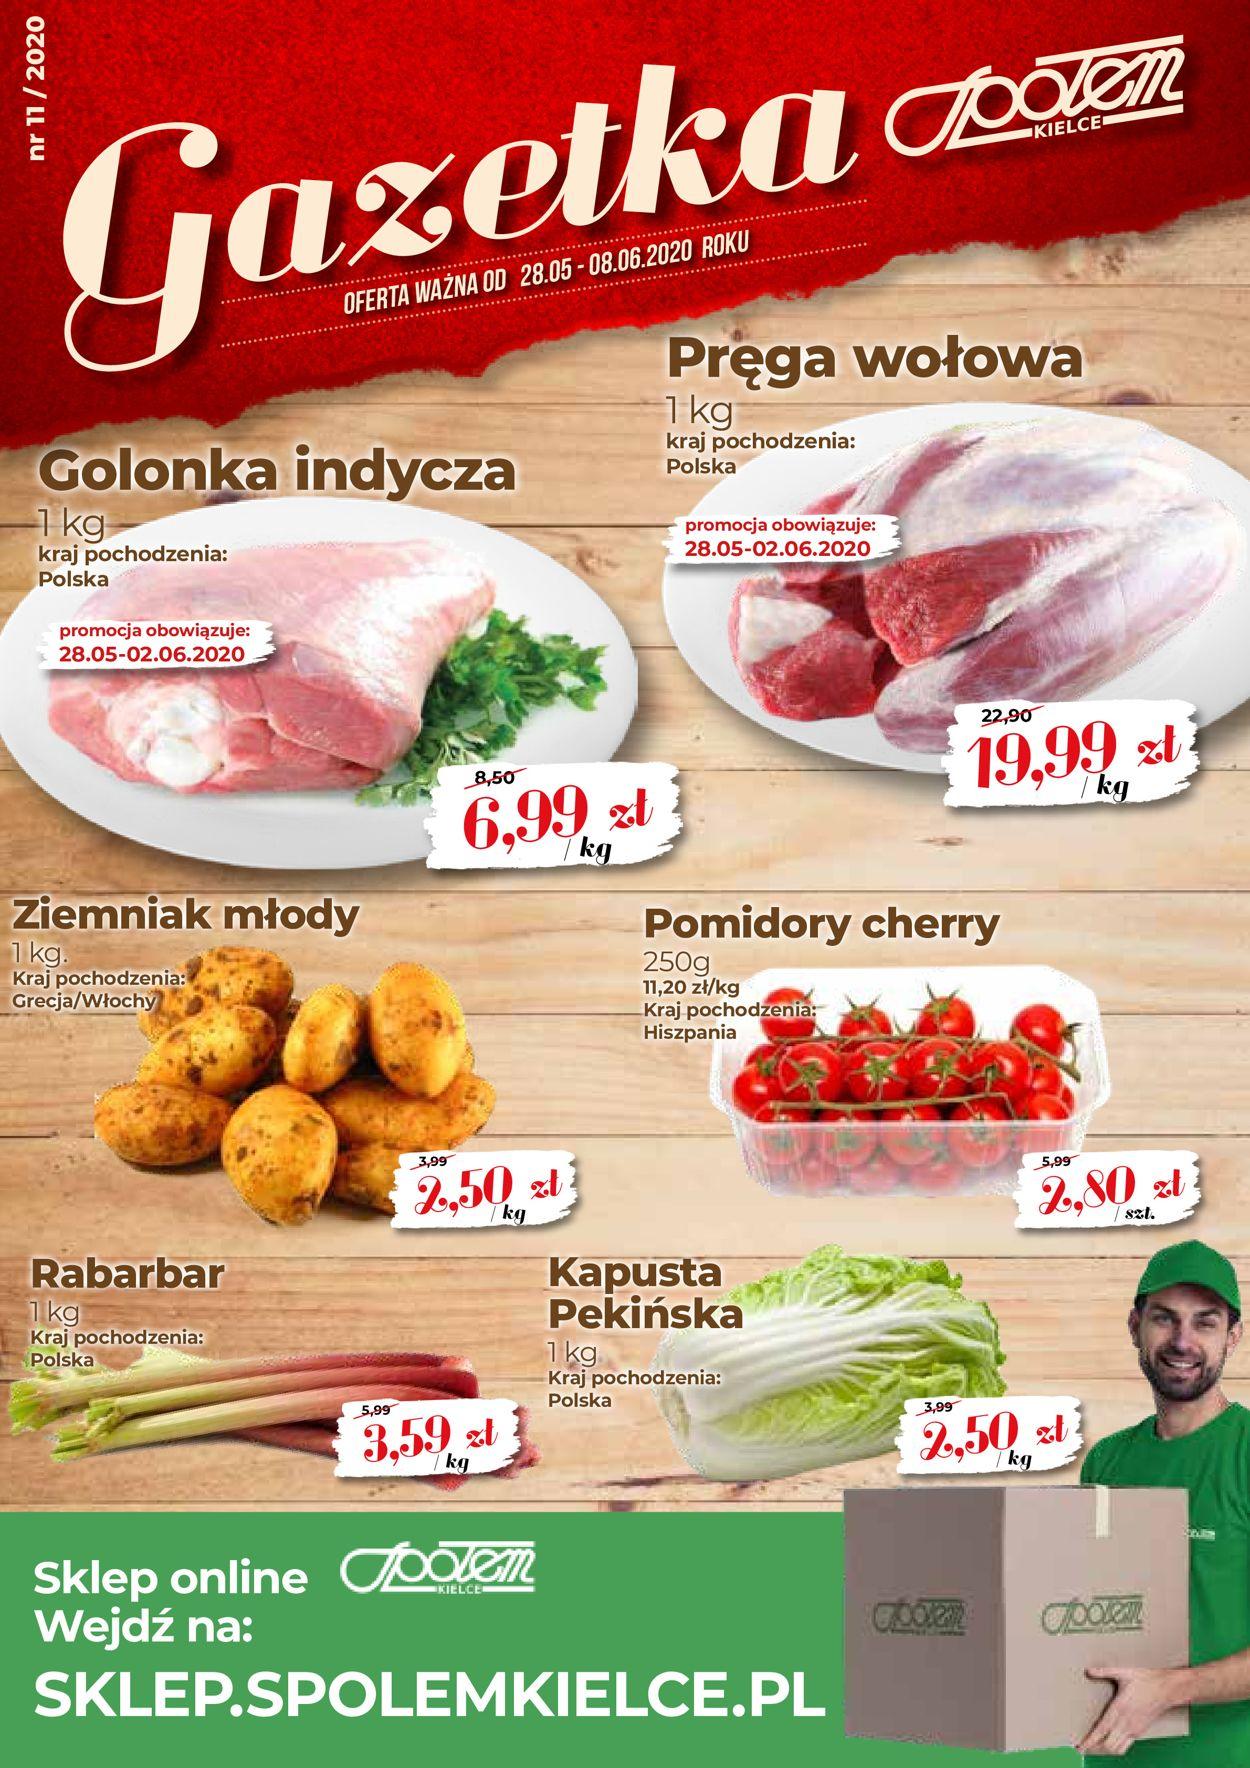 Gazetka promocyjna Społem - 28.05-08.06.2020